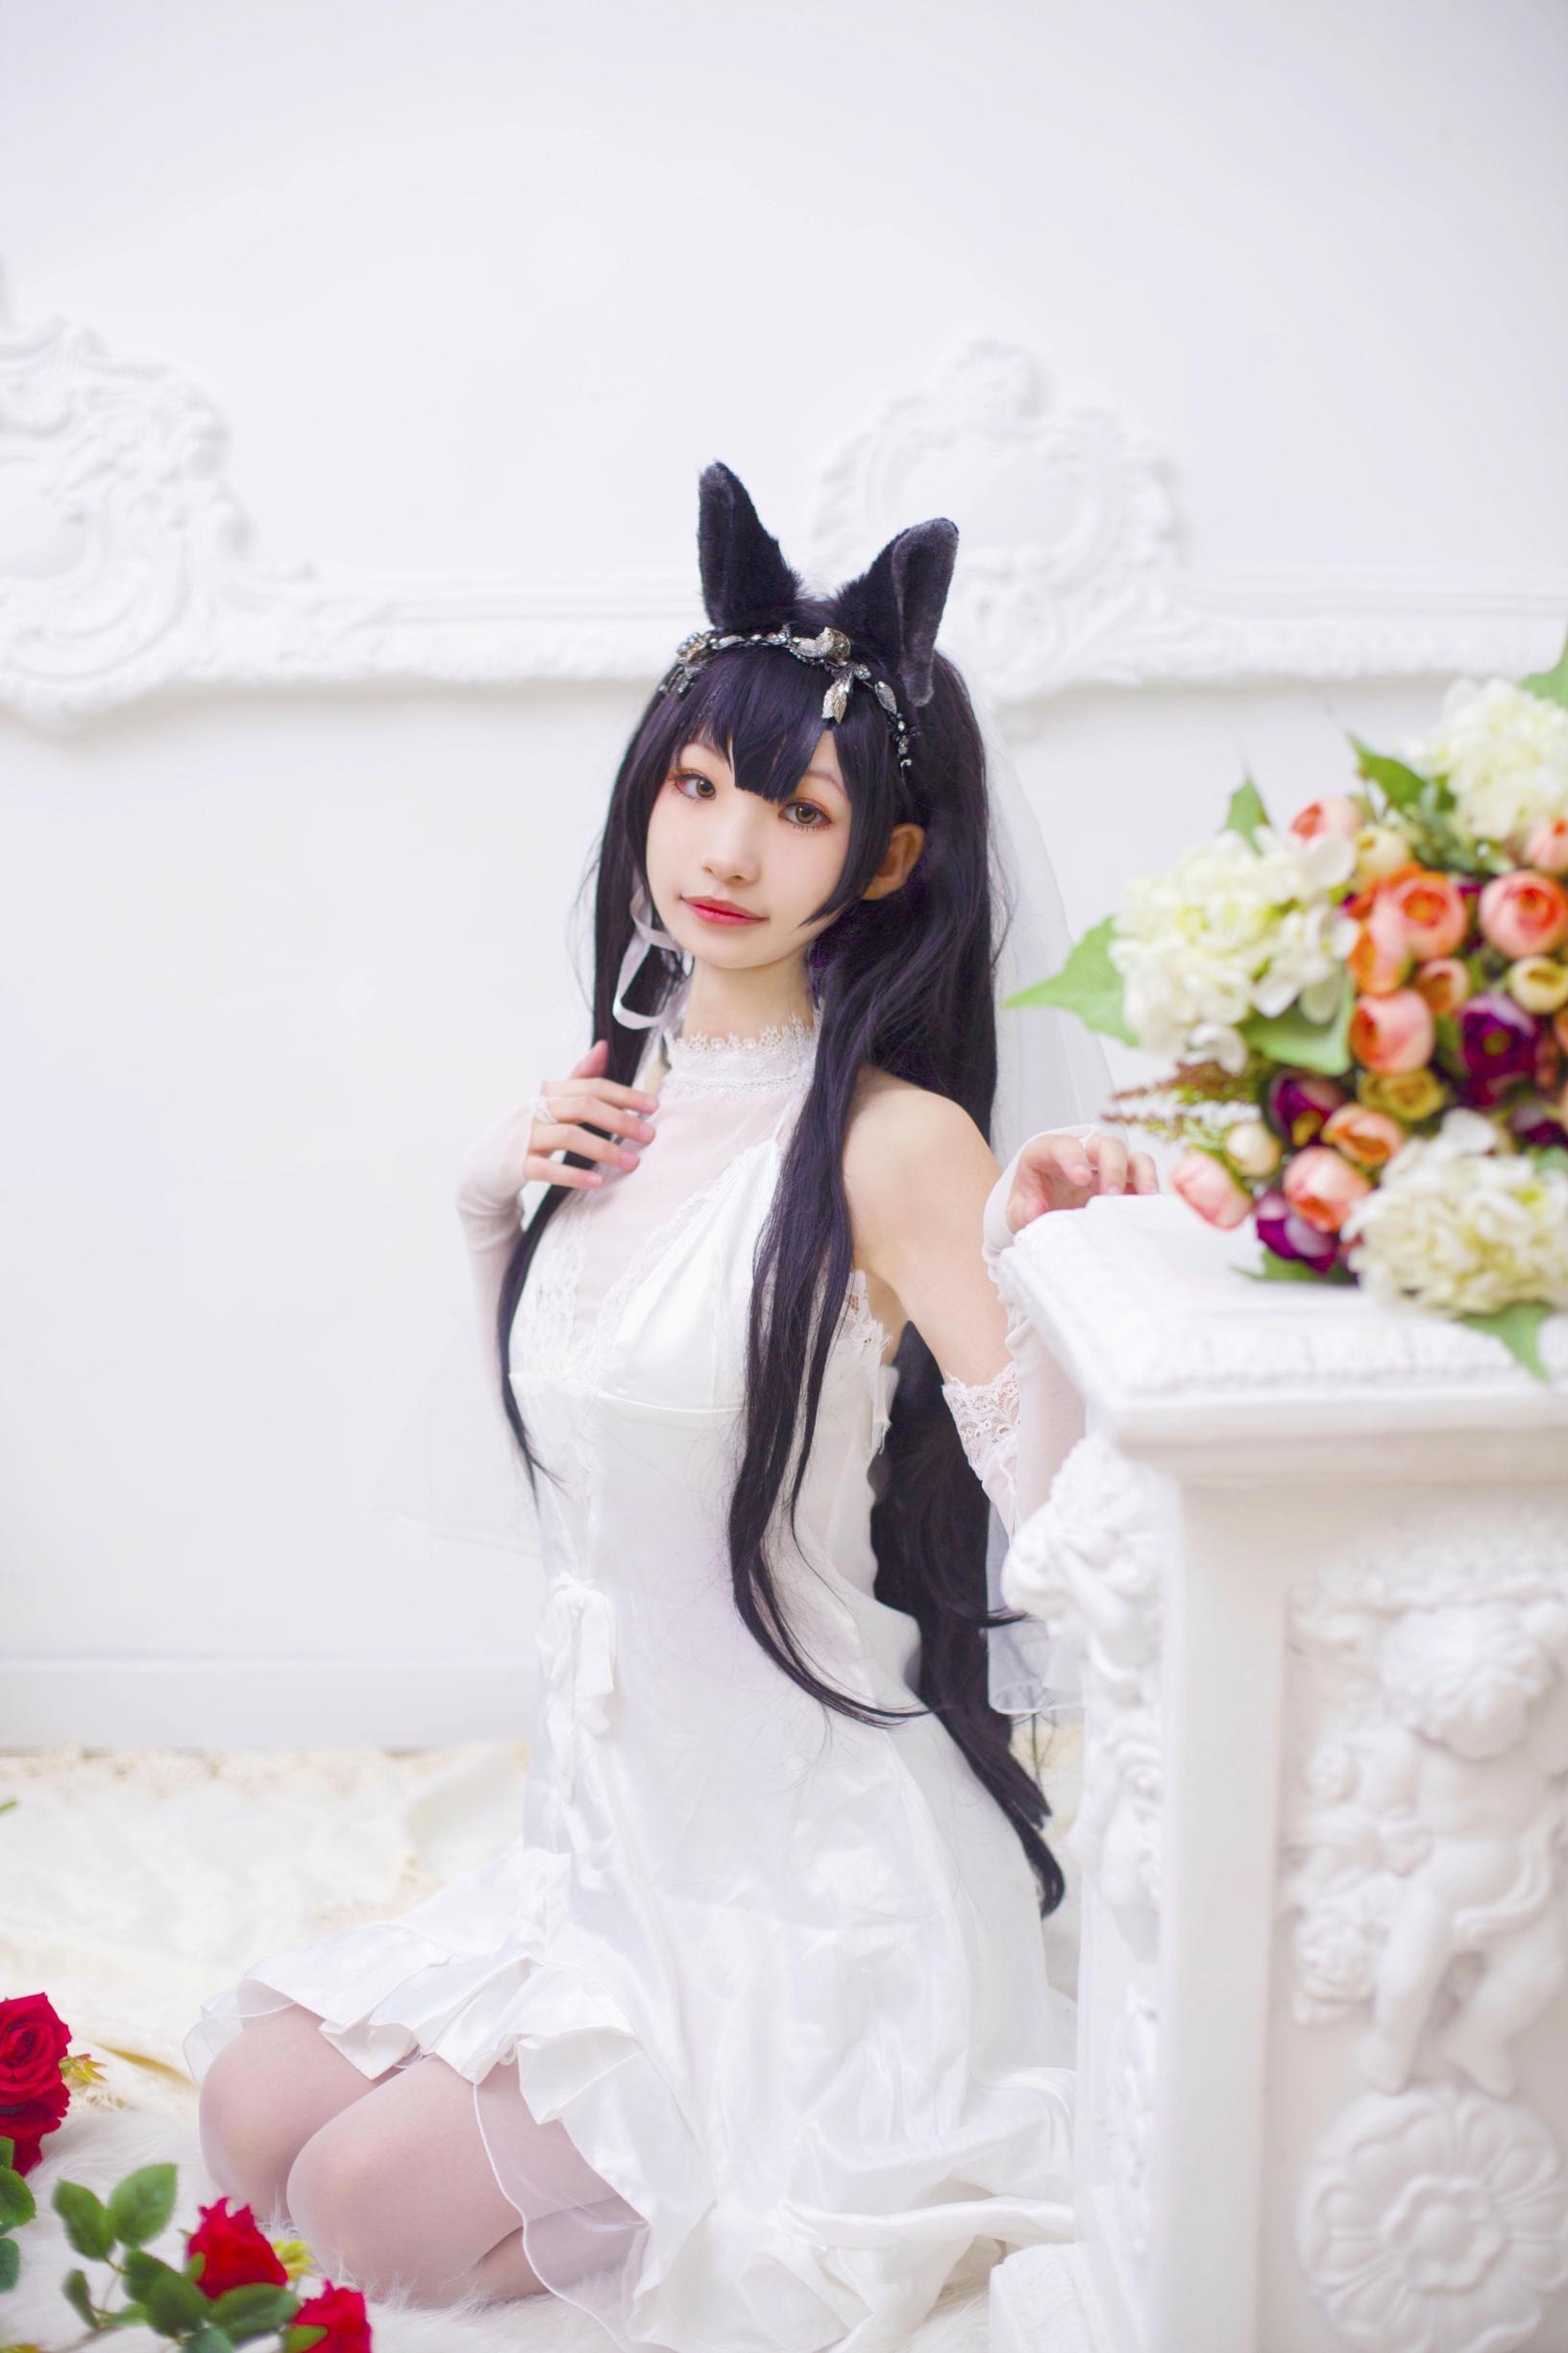 《碧蓝航线》正片cosplay【CN:宇宙不明蓝樱音w】-第24张